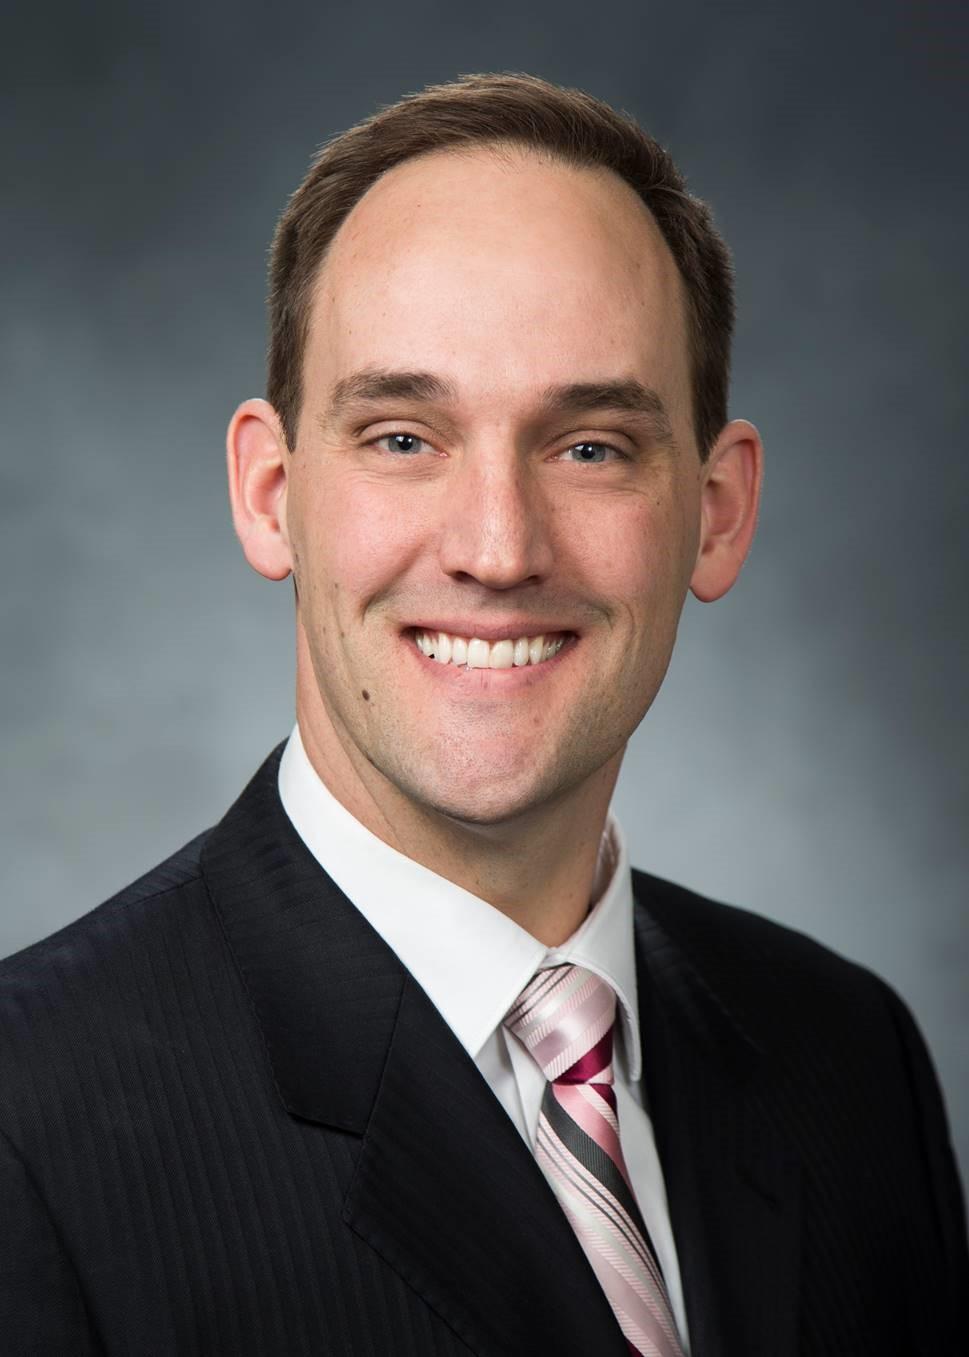 Photo of Karson Denney